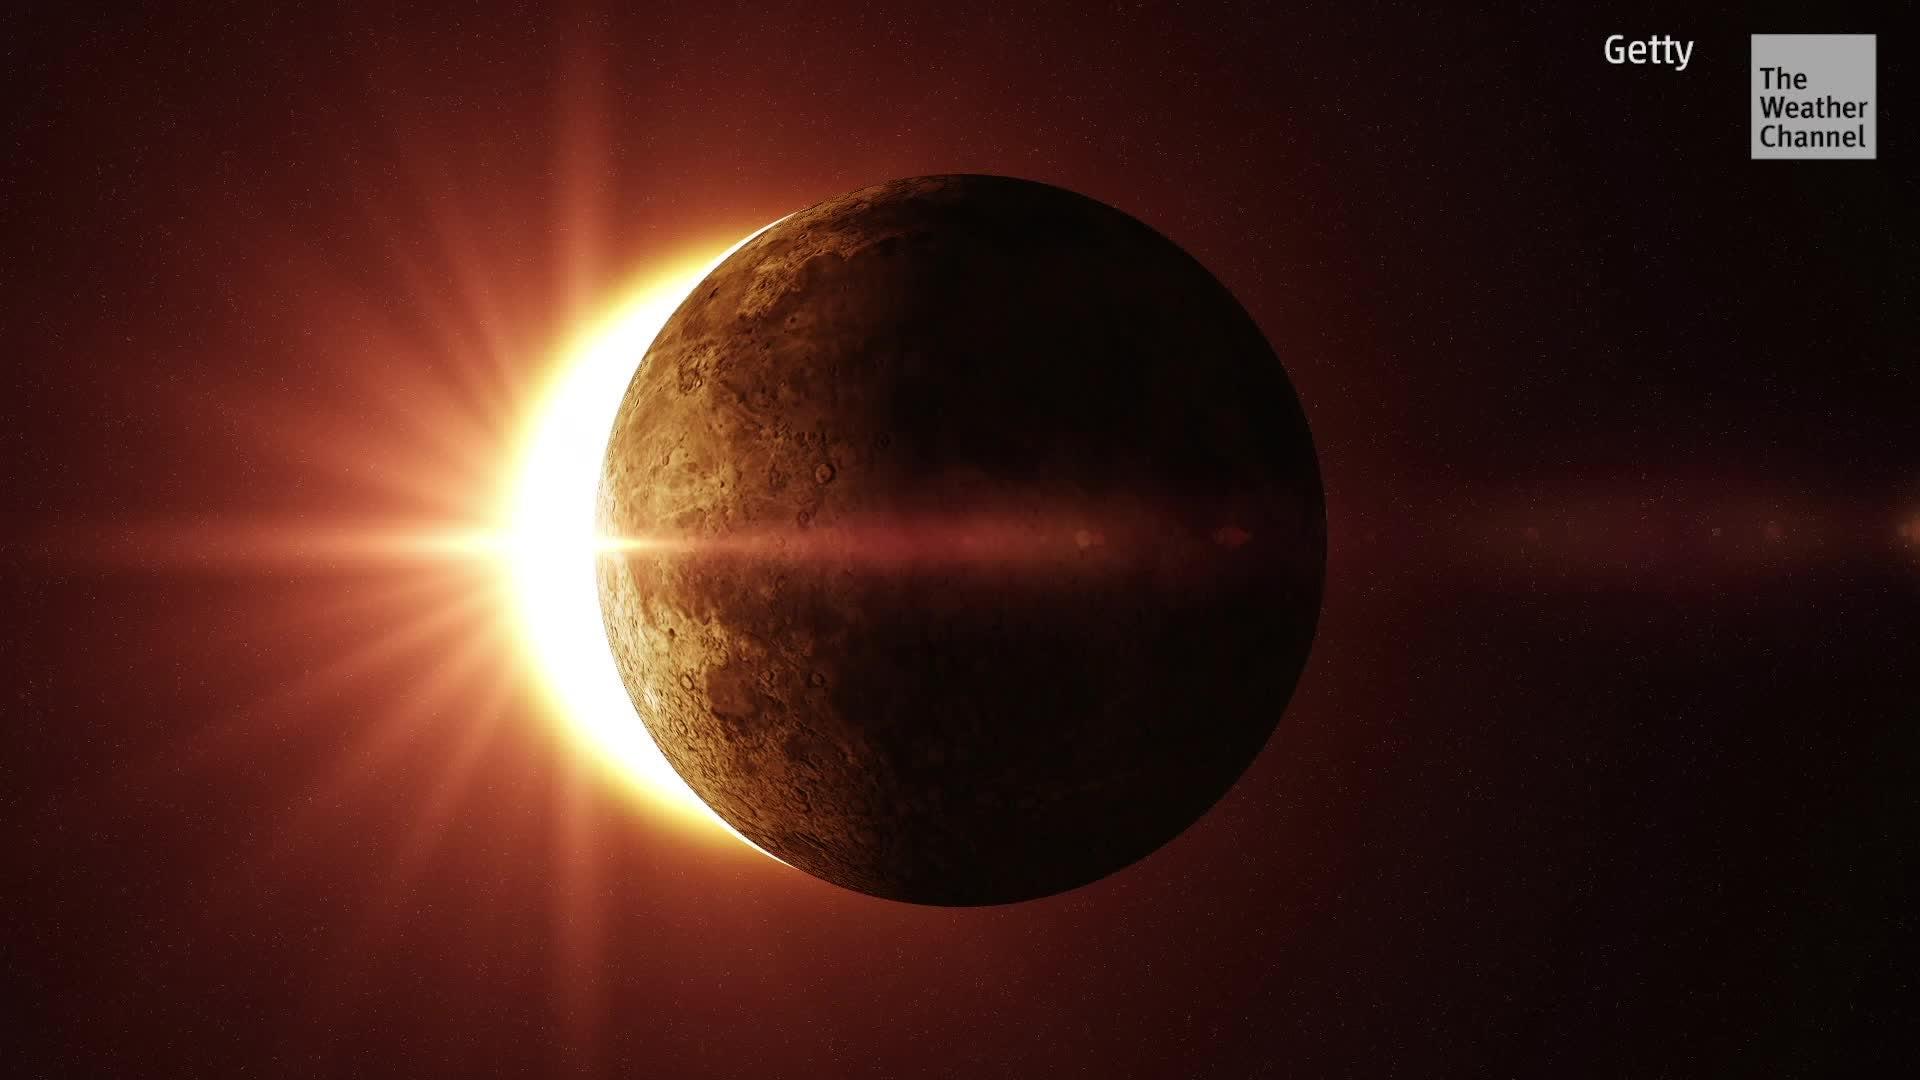 Guia para ver um eclipse total do sol de forma segura